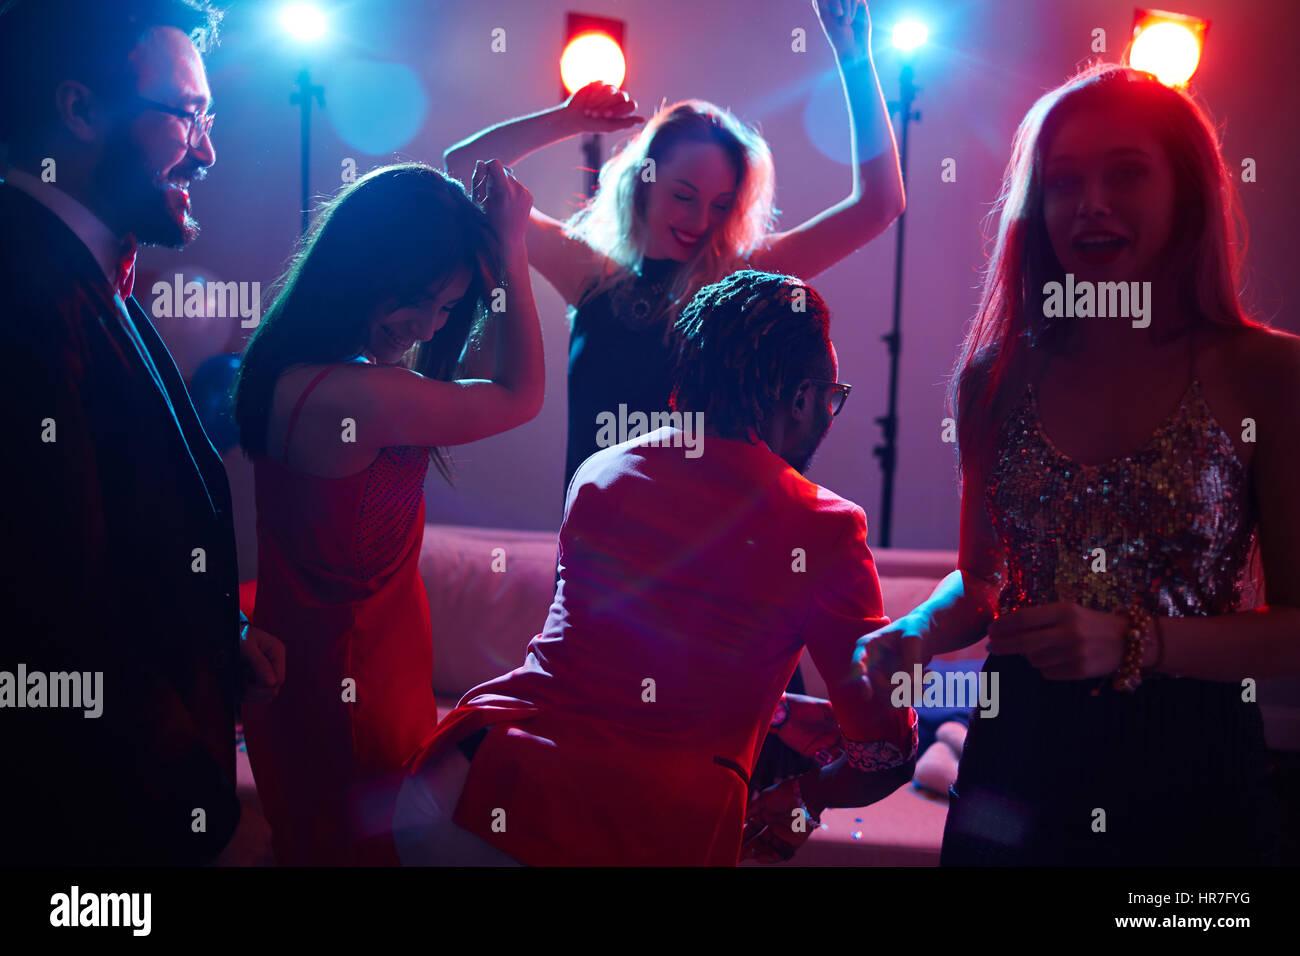 Partido en el club nocturno: grupo de Pretty Woman en vestidos a la ...